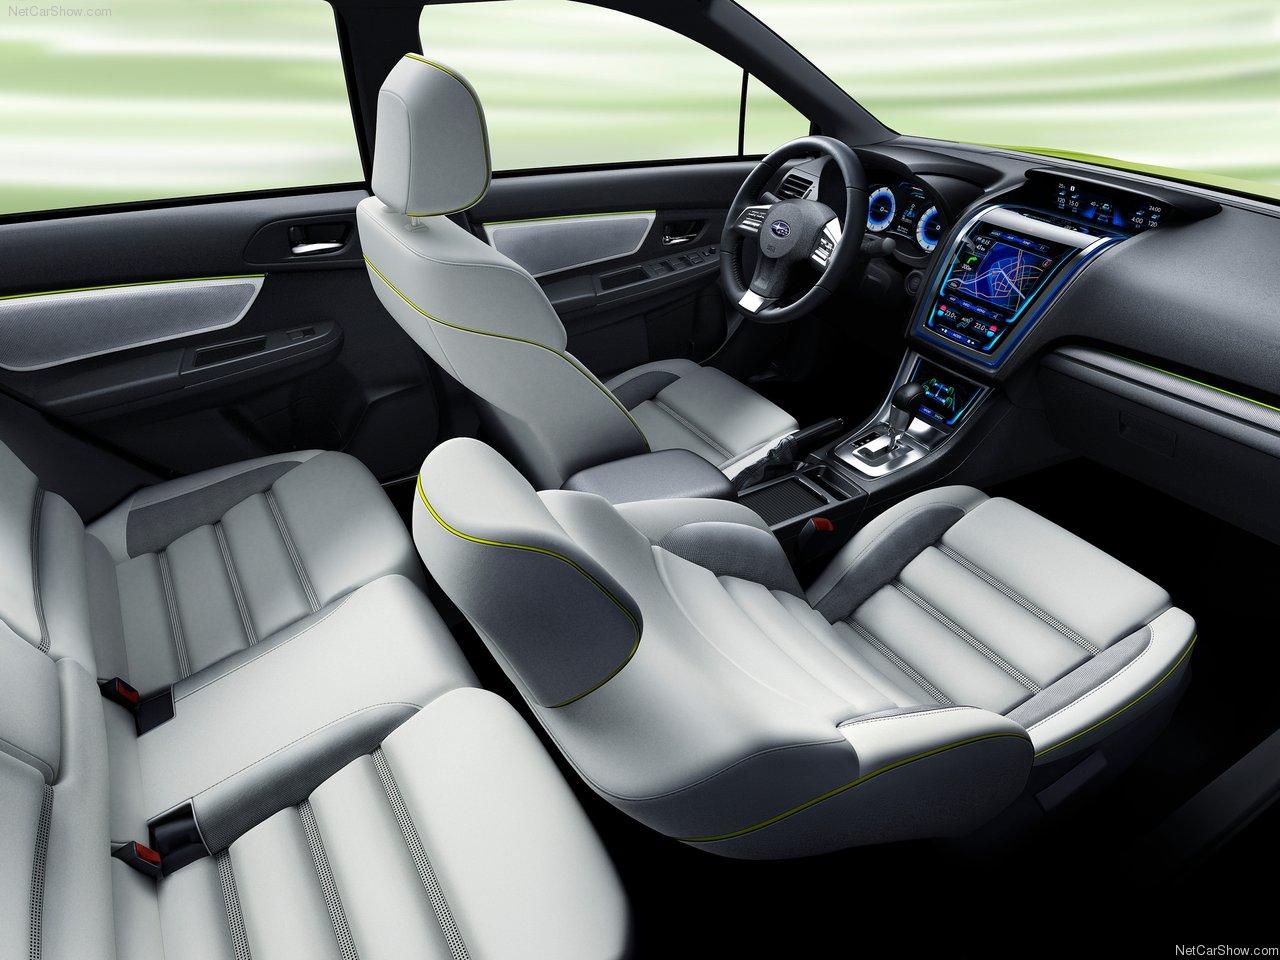 http://3.bp.blogspot.com/-Jqp1W169758/TbD0QsT735I/AAAAAAAACzg/G1wupcILEkQ/s1600/Subaru-XV_Concept_2011_1280x960_wallpaper_0e.jpg